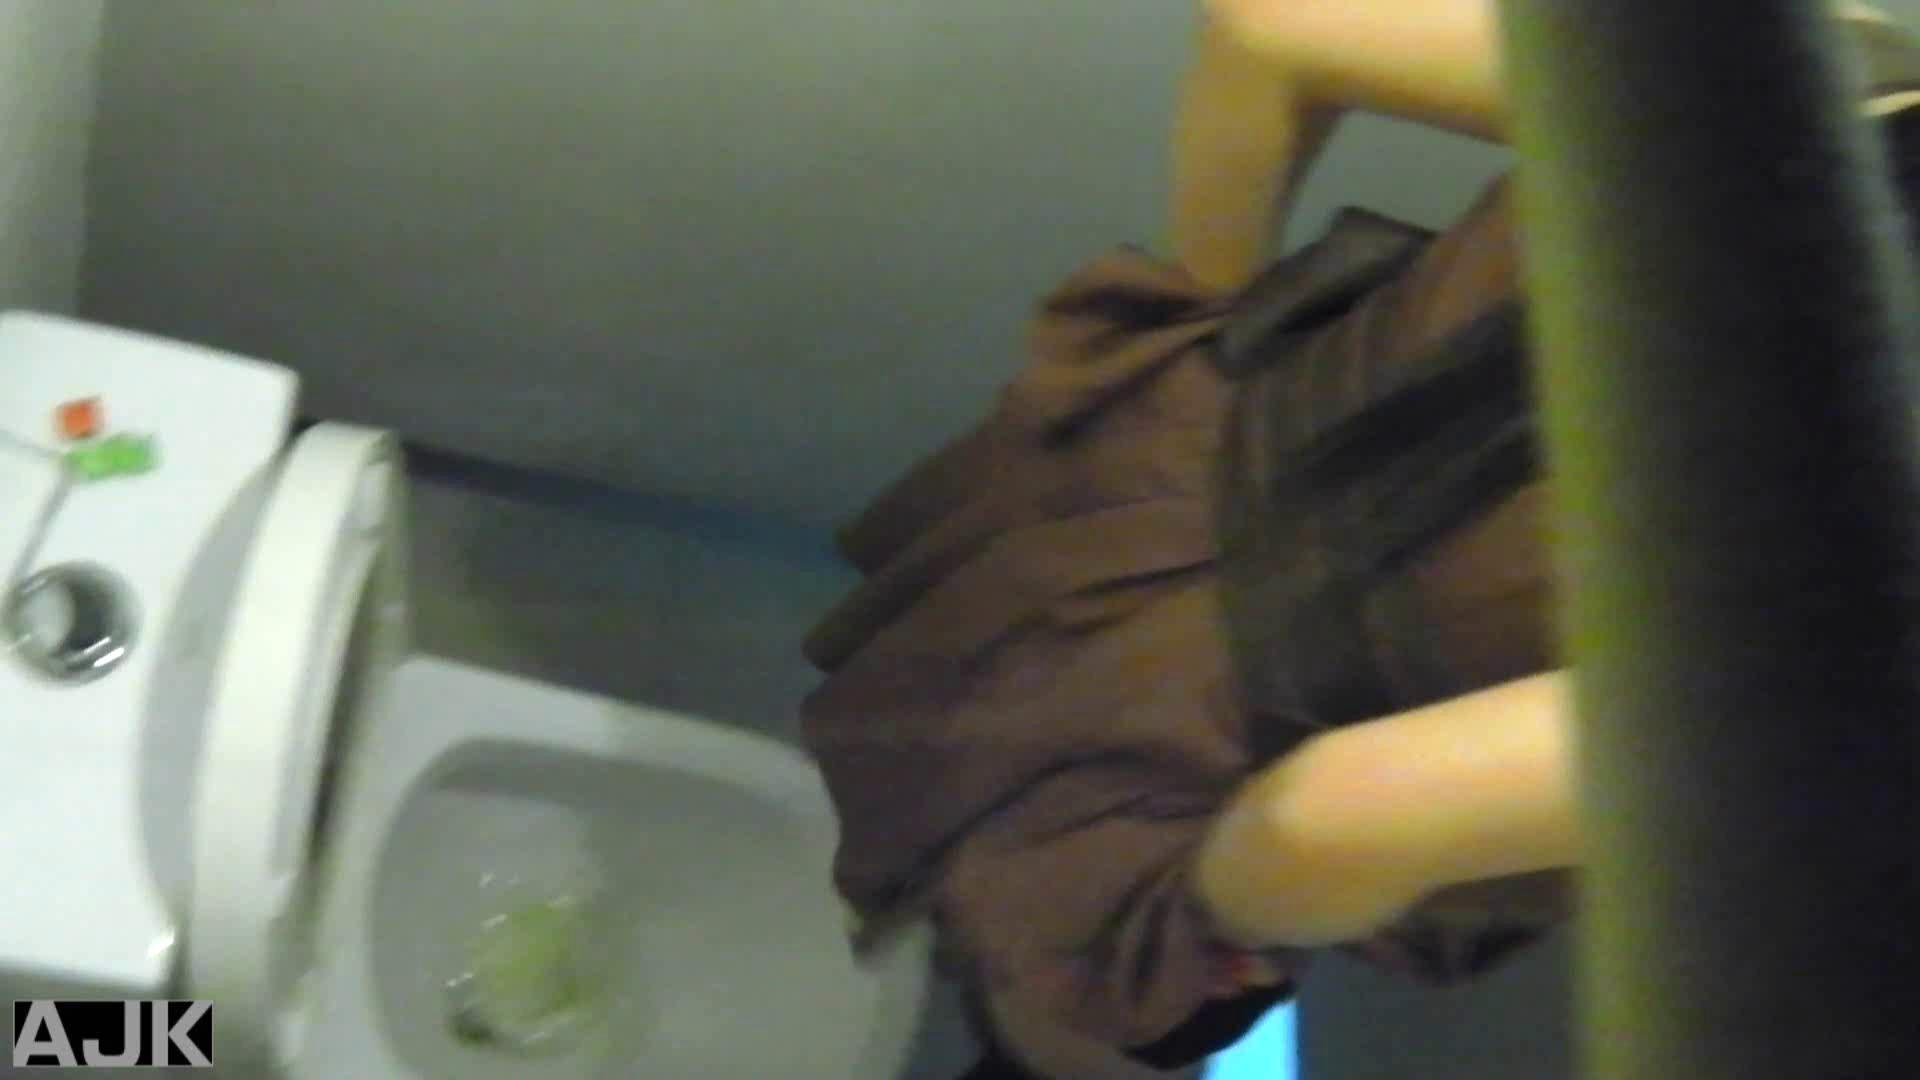 隣国上階級エリアの令嬢たちが集うデパートお手洗い Vol.13 便所  85PIX 18